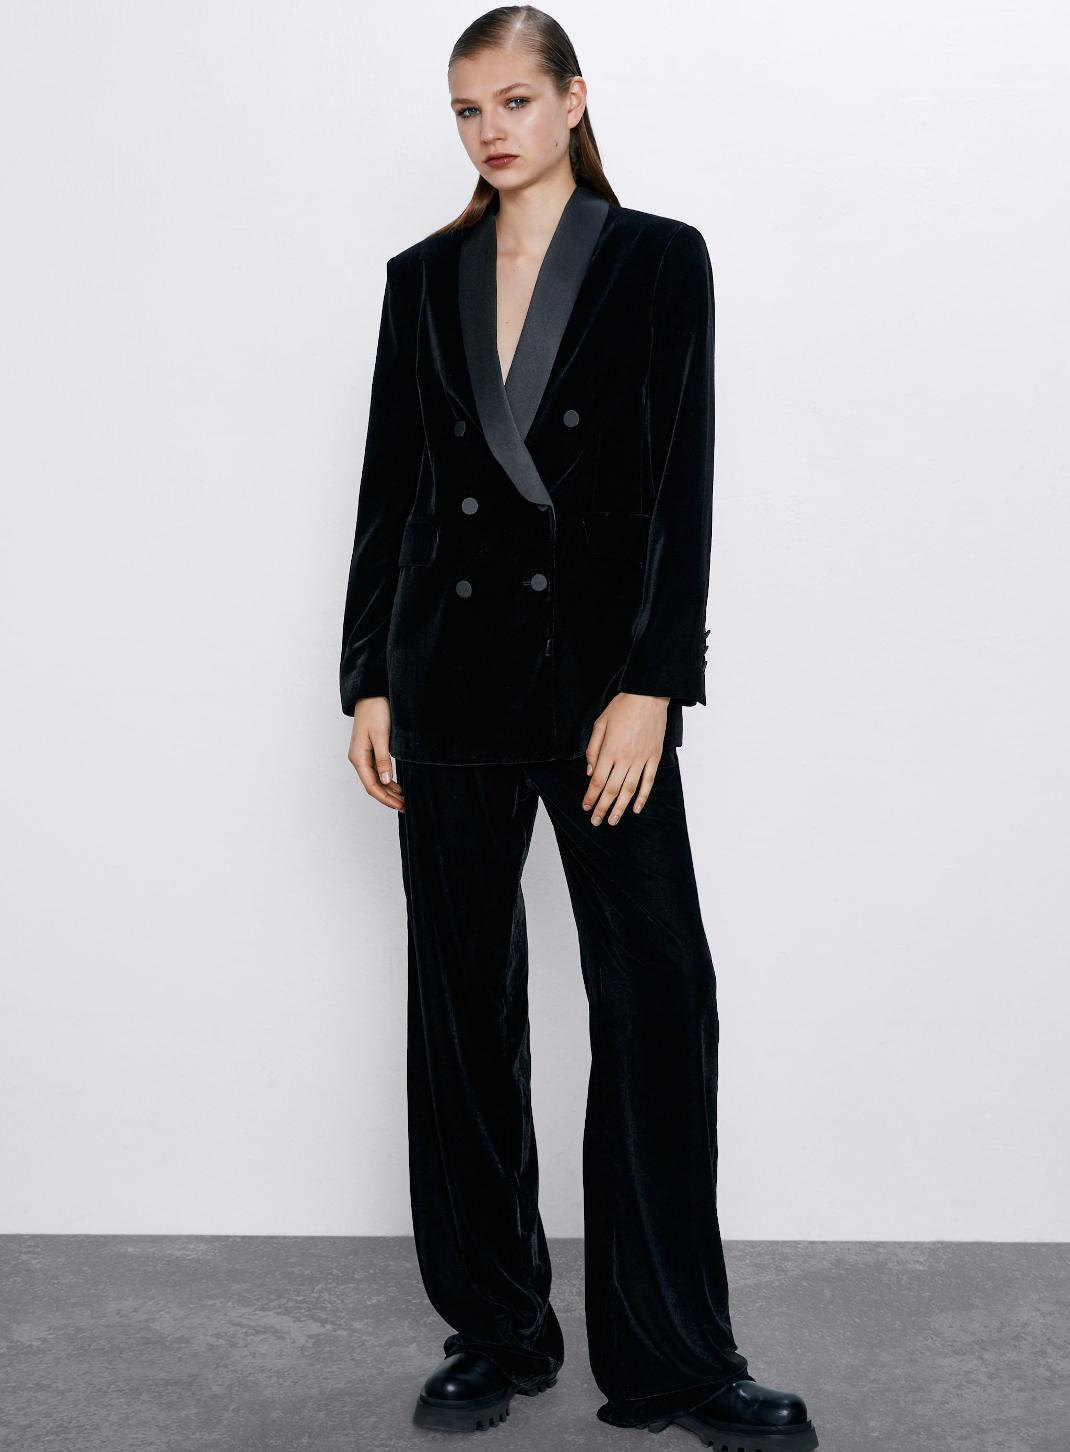 γυναίκα με βραδινό κοστούμι Zara